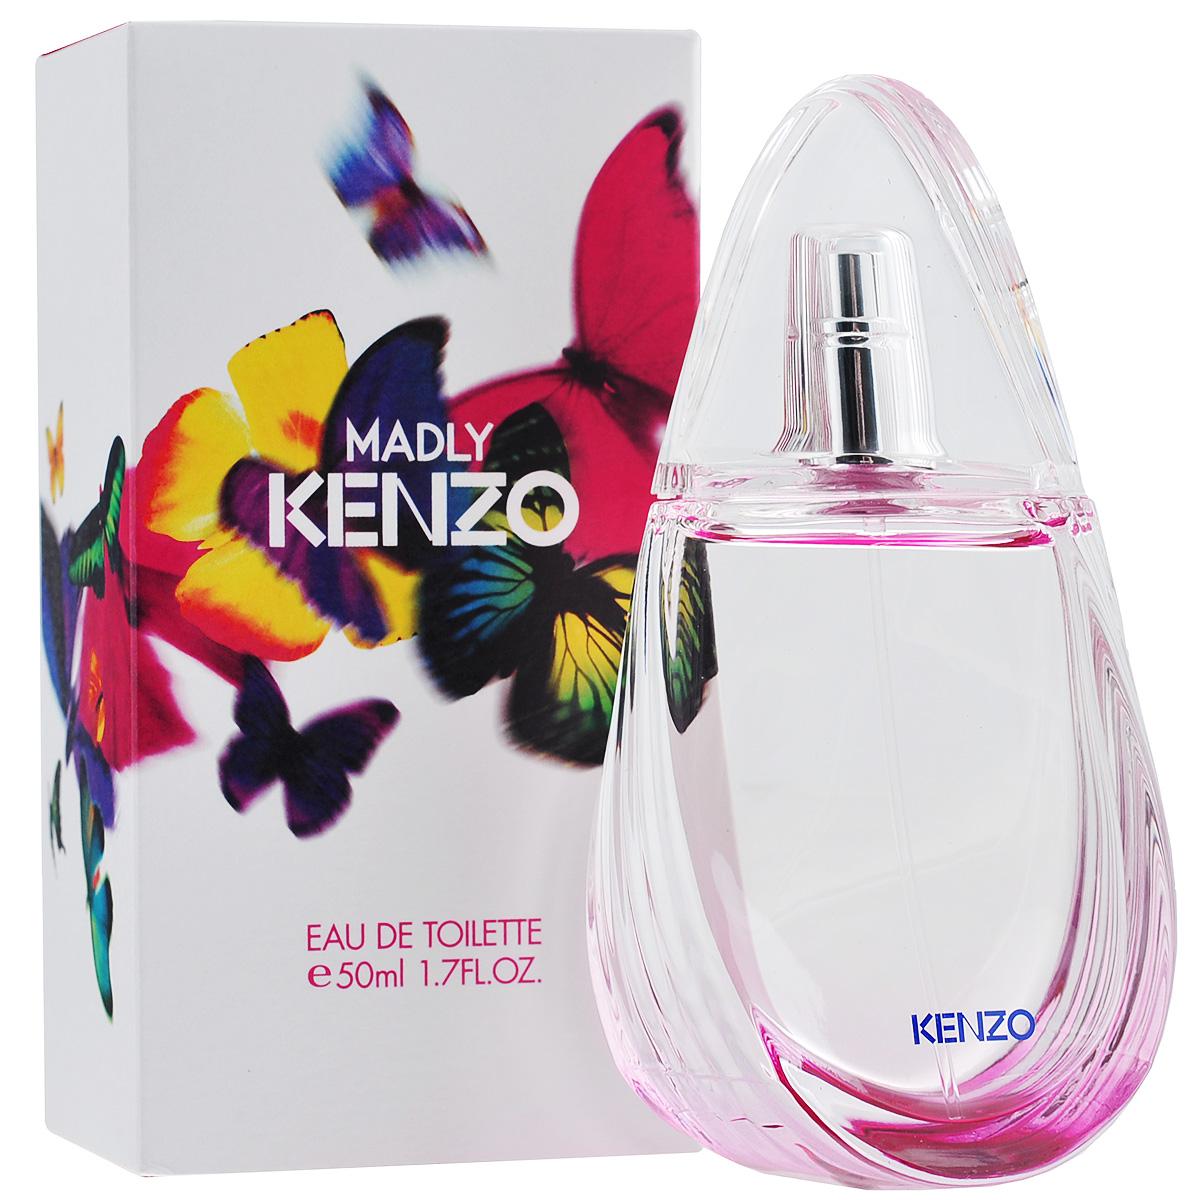 Kenzo Туалетная вода Madly, женская, 50 мл1301210Kenzo Madly - дом Kenzo говорит о тех чувствах, которые вдохновляют женщин на безрассудства и дарят ей свободу быть собой. Эту тему безрассудной любви воспевает Madly, а изящный флакон в виде крыльев бабочки вторит ему, говоря о чем-то восхитительном и неуловимом. Влюбленность и любовь, как начало и продолжение истории вспыхнувших чувств. Kenzo Madly - это пробуждение чувств, погружение в волнующую атмосферу влюбленности, легкое и беззаботное настроение, окрыленность и ощущение полета! Классификация аромата: фруктовый, цветочный. Пирамида аромата:Верхние ноты: груша, личи.Ноты сердца: цветок гелиотропа, жасмин.Ноты шлейфа: кедр, мускус.Ключевые словаЛегкий, романтичный, влекущий, беззаботный! Характеристики:Объем: 50 мл.Производитель: Франция.Туалетная вода - один из самых популярных видов парфюмерной продукции. Туалетная вода содержит 4-10%парфюмерного экстракта. Главные достоинства данного типа продукции заключаются в доступной цене, разнообразии форматов (как правило, 30, 50, 75, 100 мл), удобстве использования (чаще всего - спрей). Идеальна для дневного использования. Товар сертифицирован.